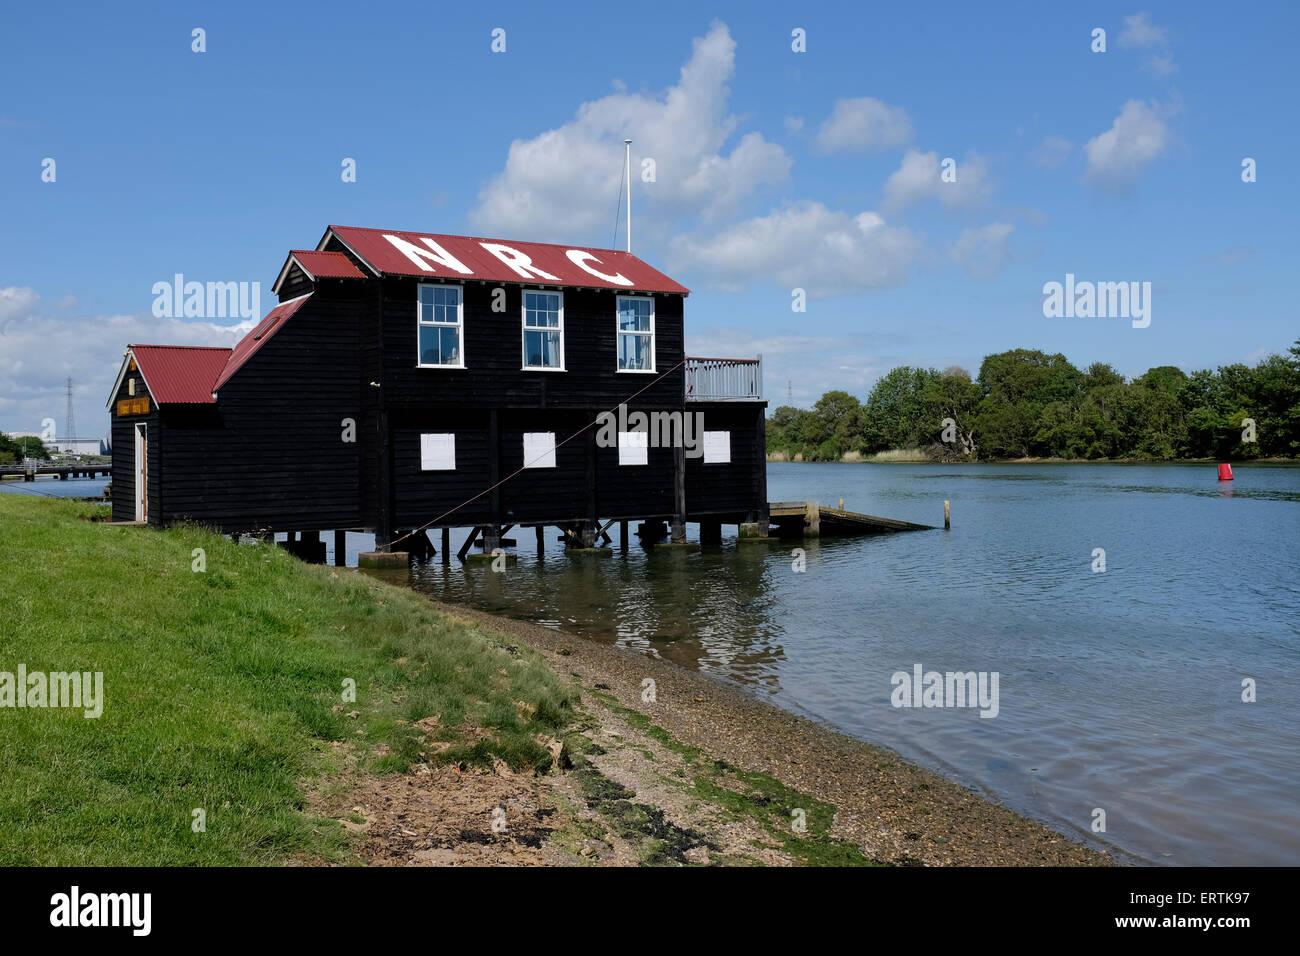 Fiume Medina Newport Rowing Club Isola di Wight England Regno Unito Immagini Stock